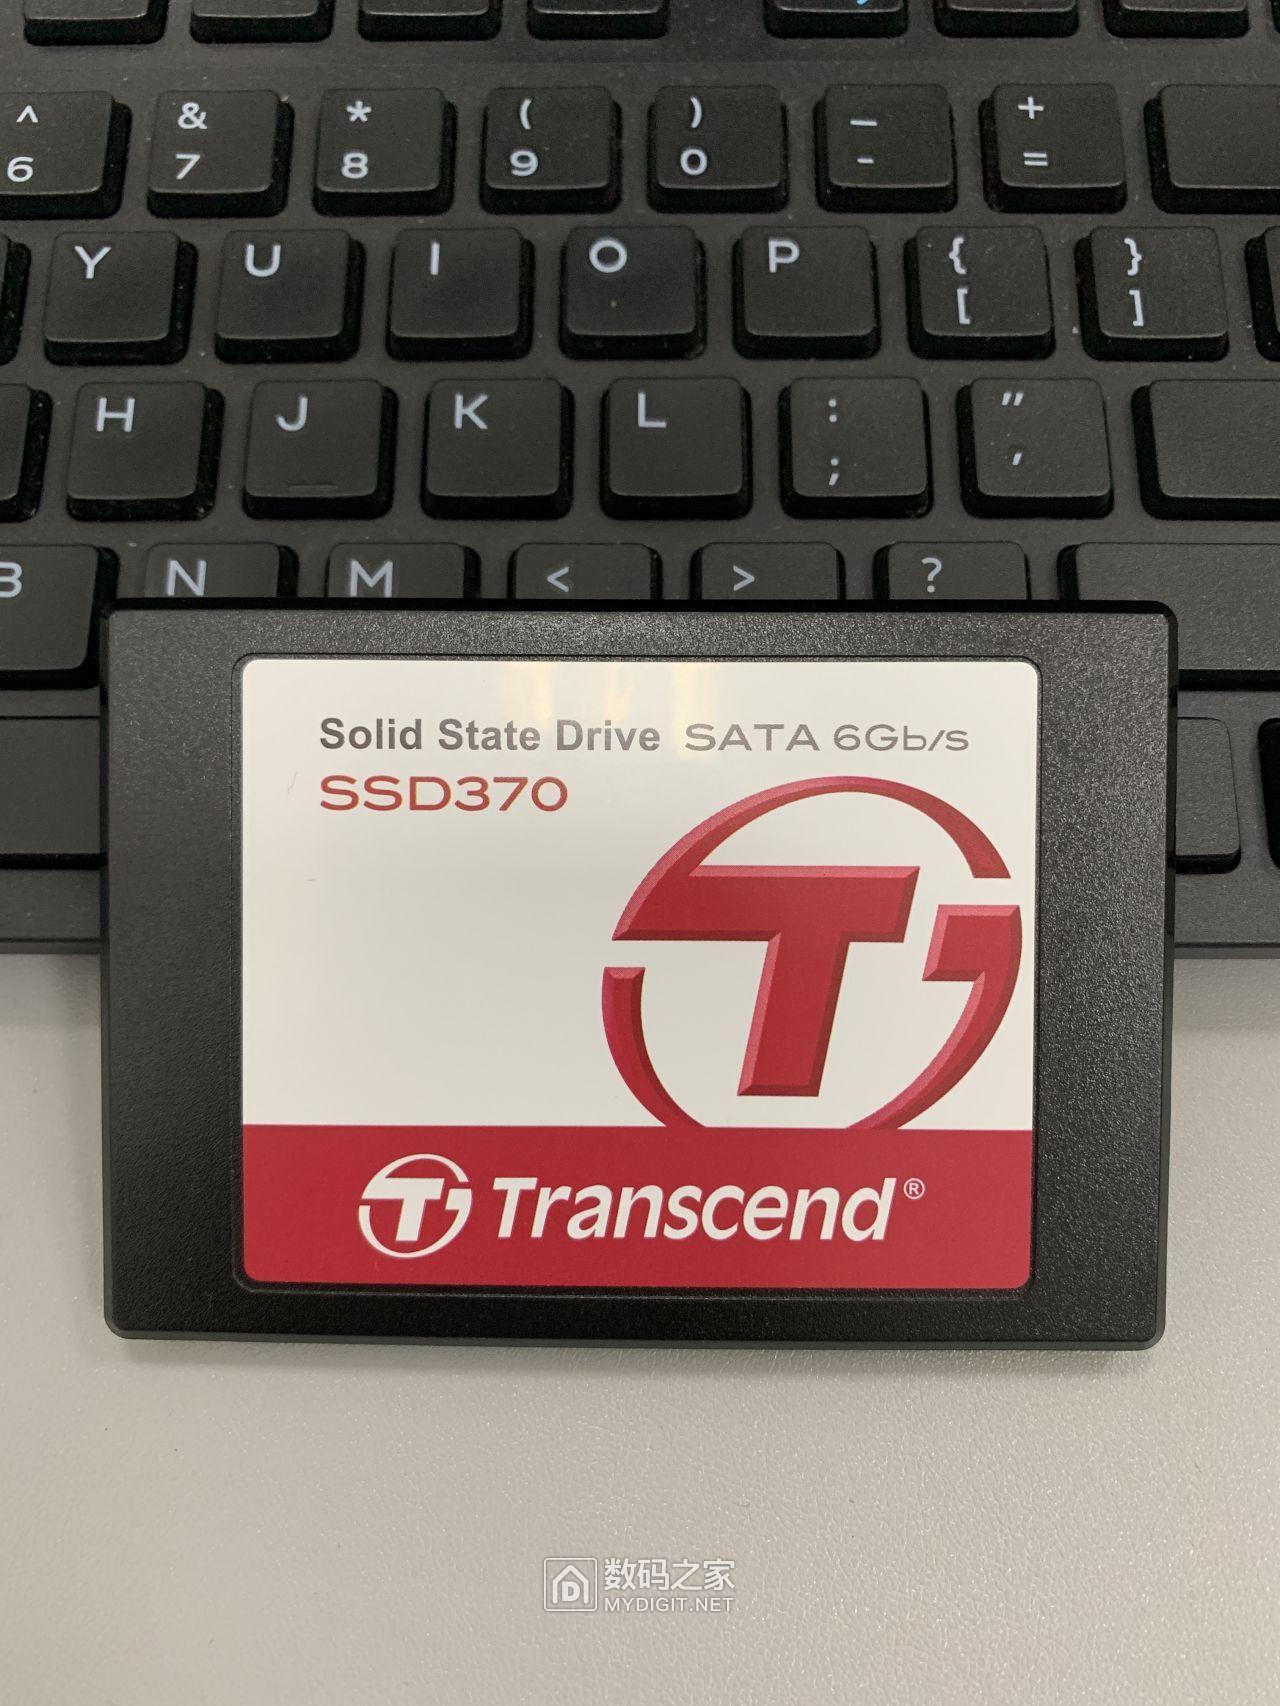 SSD370-1.jpg